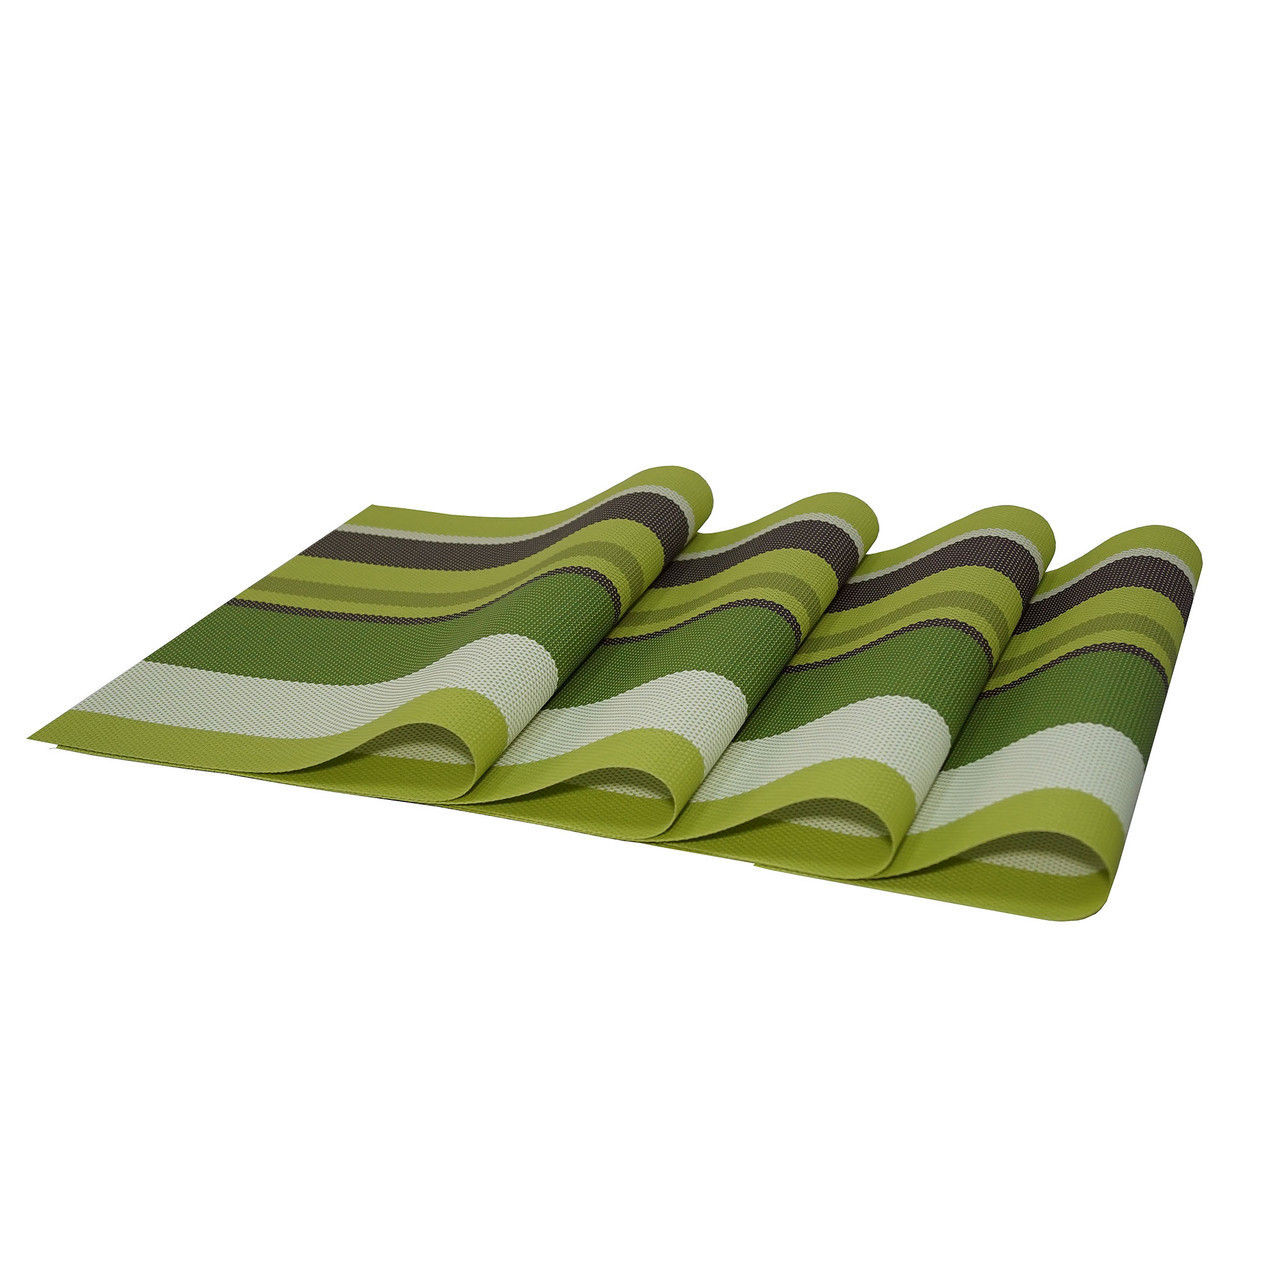 Комплект из 4-х сервировочных ковриков, цвет зеленый